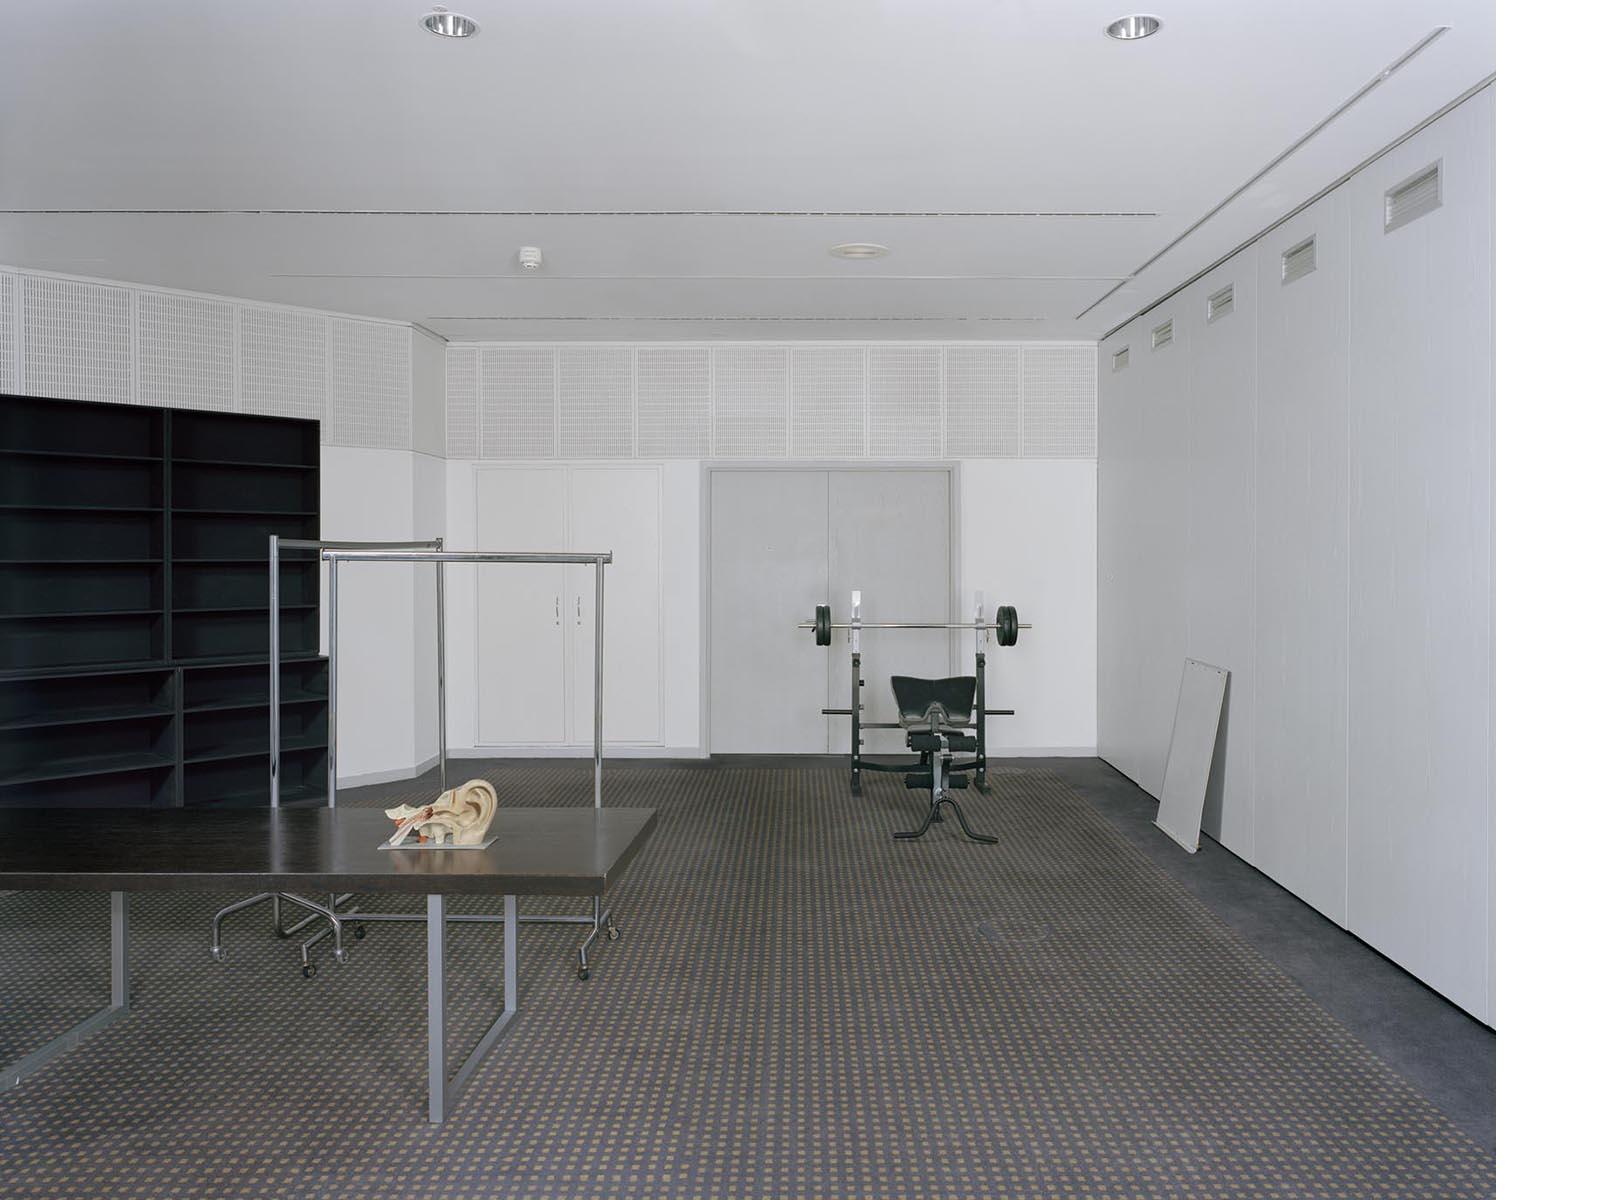 Platz für alles, was kommt, 2011, 121 x 151 cm, Lightbox